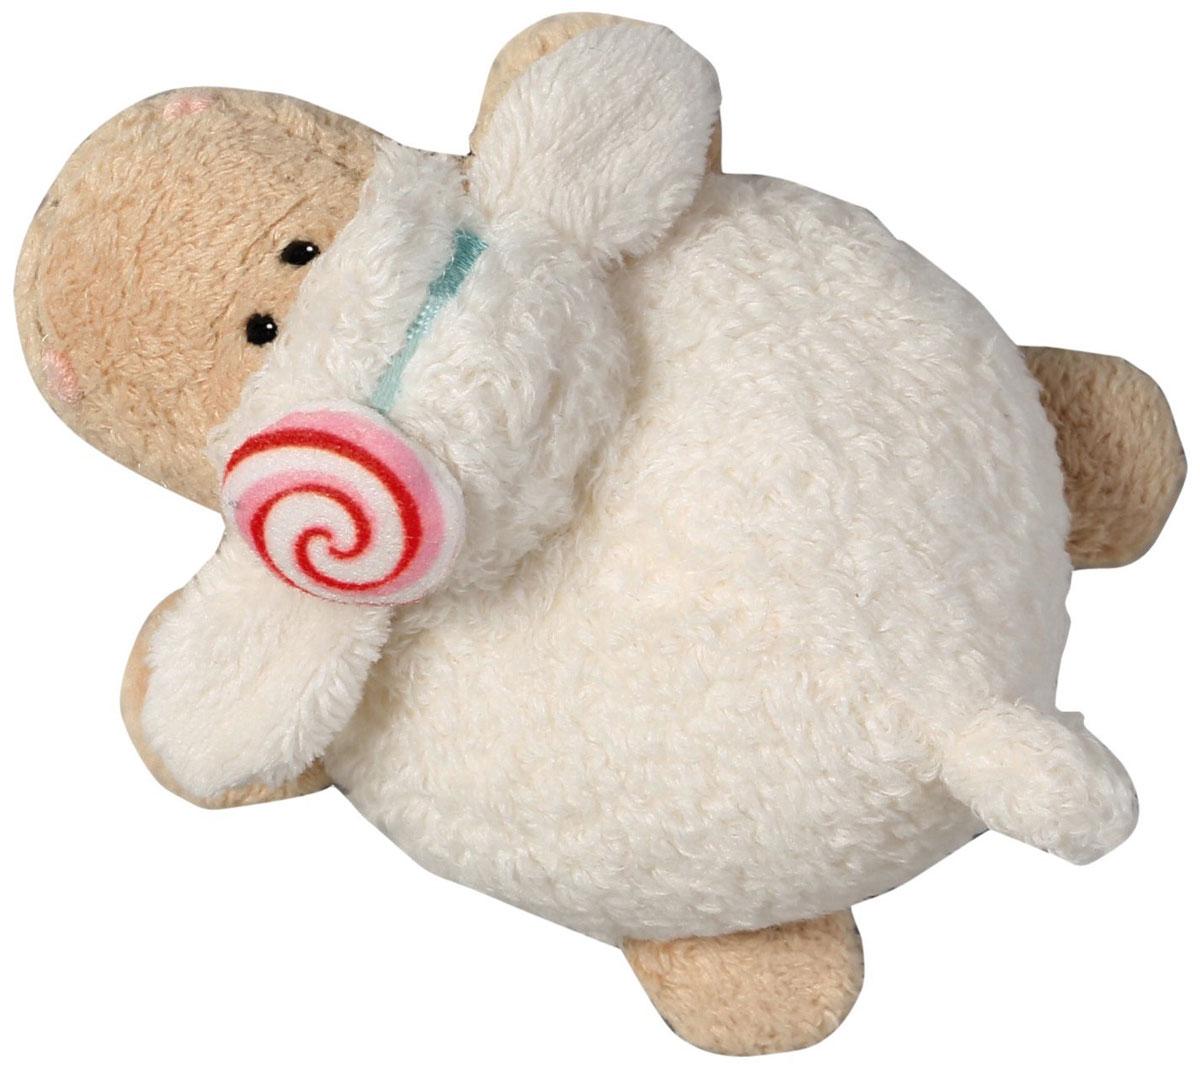 Nici Мягкая игрушка Овечка Кэнди 10 см37801Очаровательная мягкая игрушка Nici Овечка Кэнди выполнена в виде симпатичной плюшевой овечки. Игрушка изготовлена из высококачественного текстильного материала бежевого цвета. Игрушка невероятно мягкая и приятная на ощупь, вам не захочется выпускать ее из рук. Глазки у овечки пластиковые, а ротик и носик вышиты нитками. На голове у Кэнди текстильный пришитый ободочек. Удивительно мягкая игрушка принесет радость и подарит своему обладателю мгновения нежных объятий и приятных воспоминаний. Специальные гранулы, использующиеся при ее набивке, способствуют развитию мелкой моторики у малыша. Великолепное качество исполнения делают эту игрушку чудесным подарком к любому празднику. Трогательная и симпатичная, она непременно вызовет улыбку у детей и взрослых.